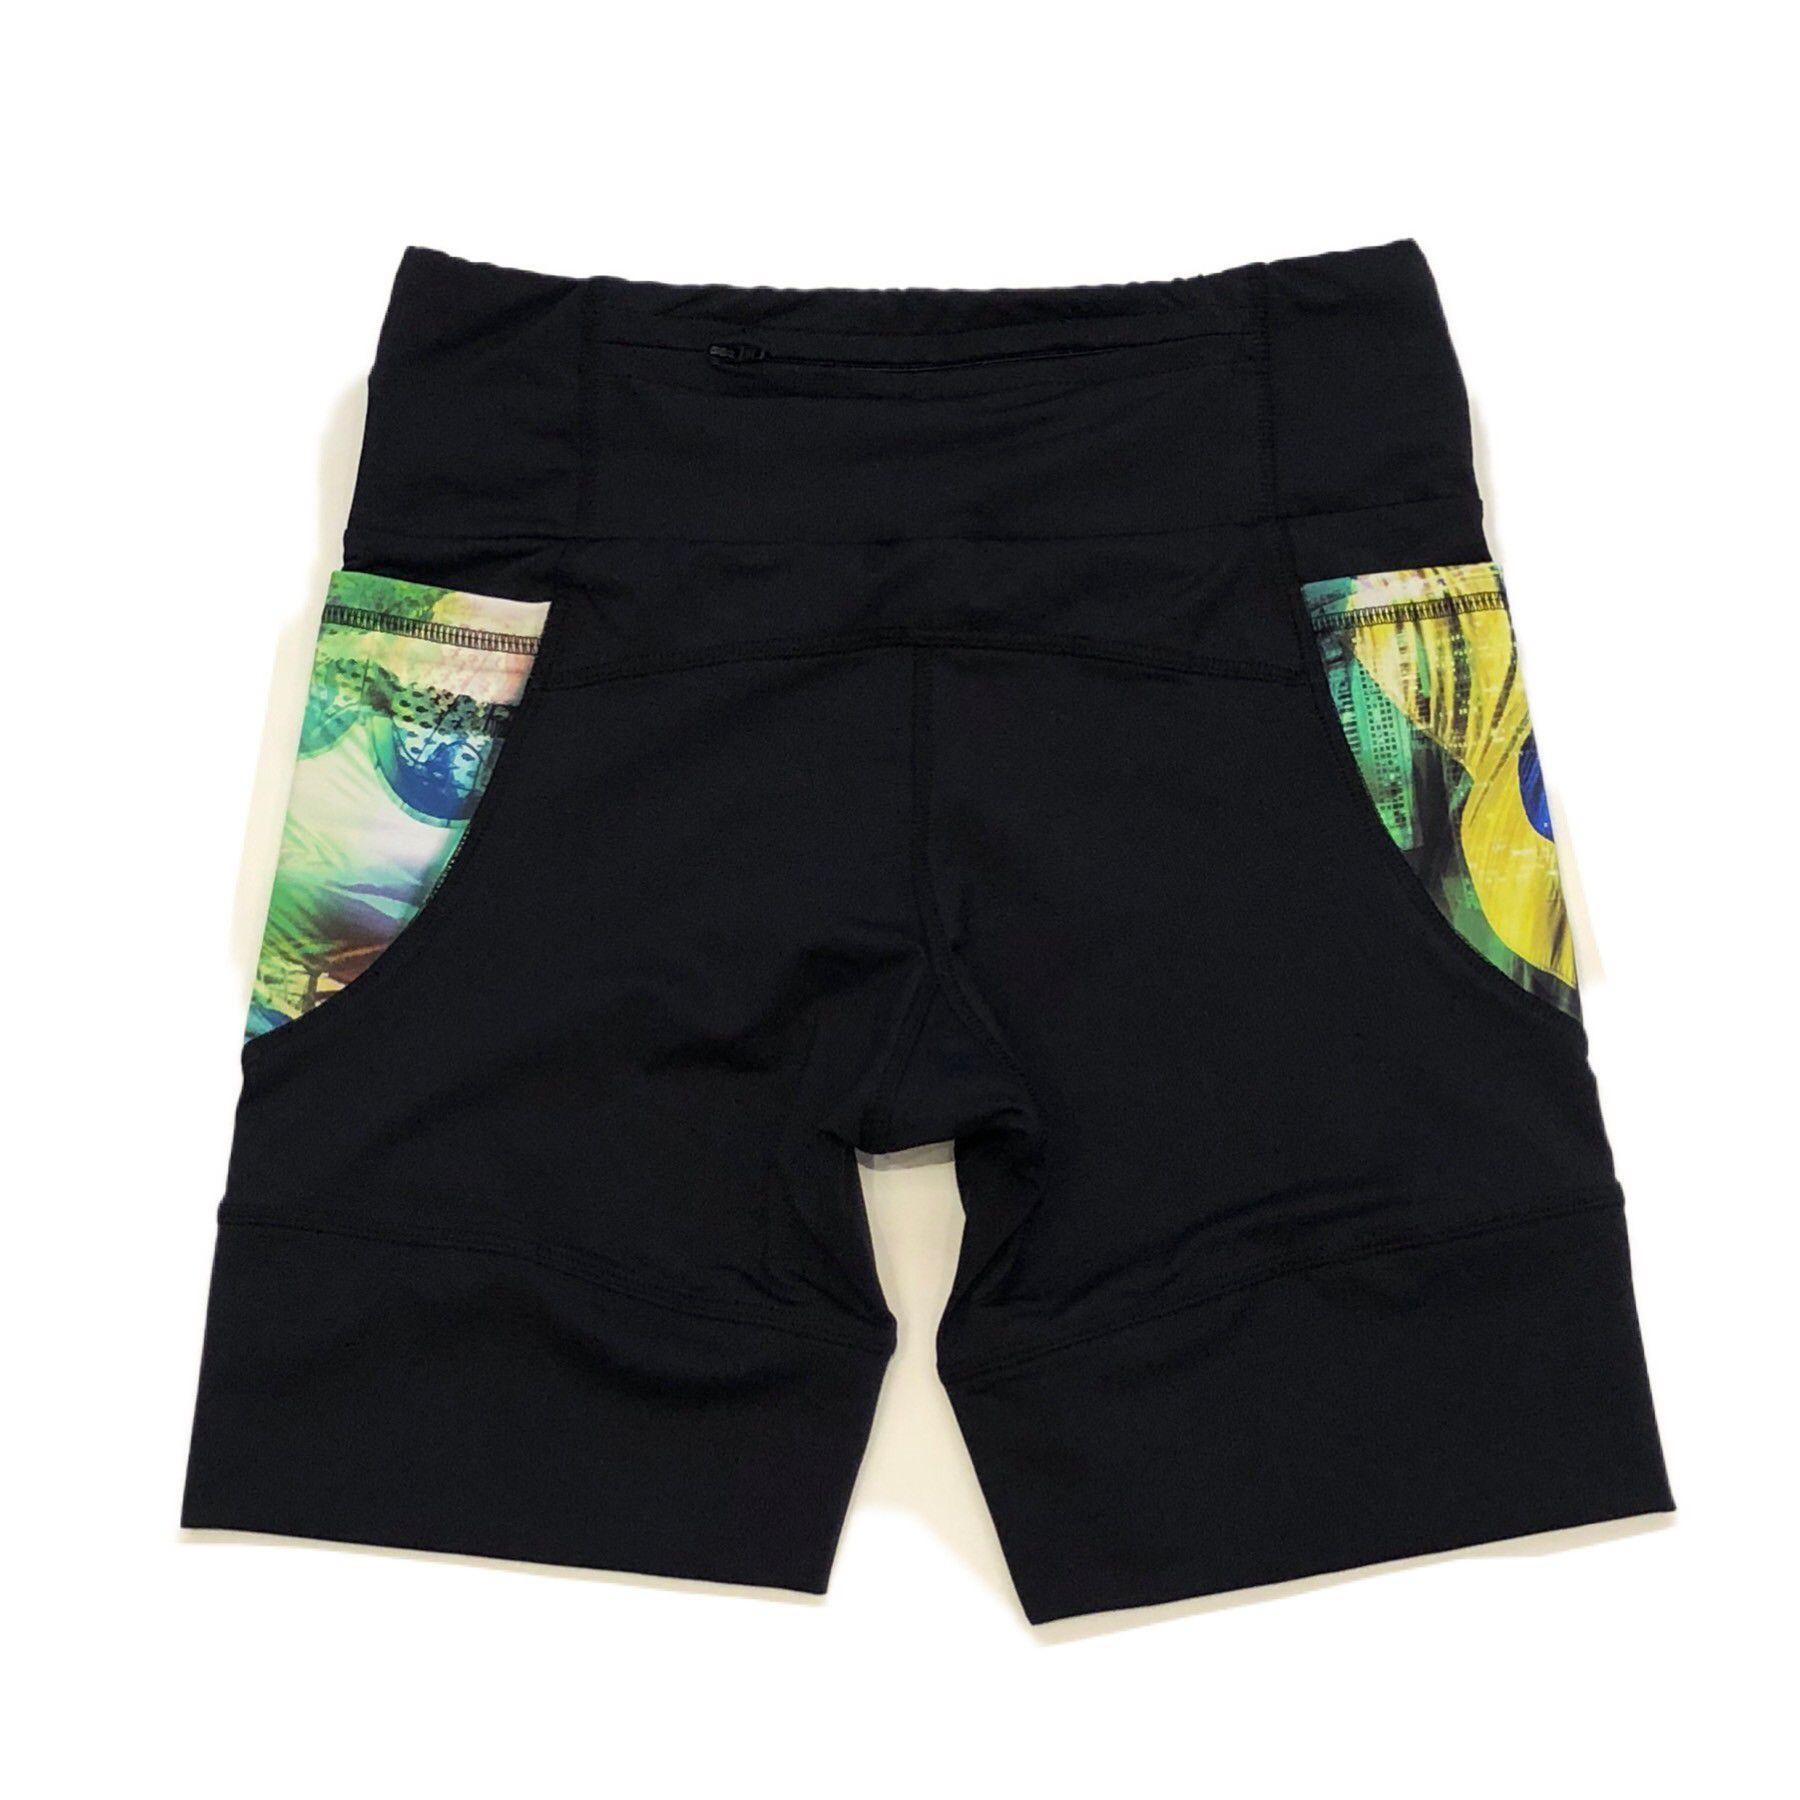 Bermuda de compressão masculina - unissex 1500 bolsos em compress preto bolsos Brasil  - Vivian Bógus